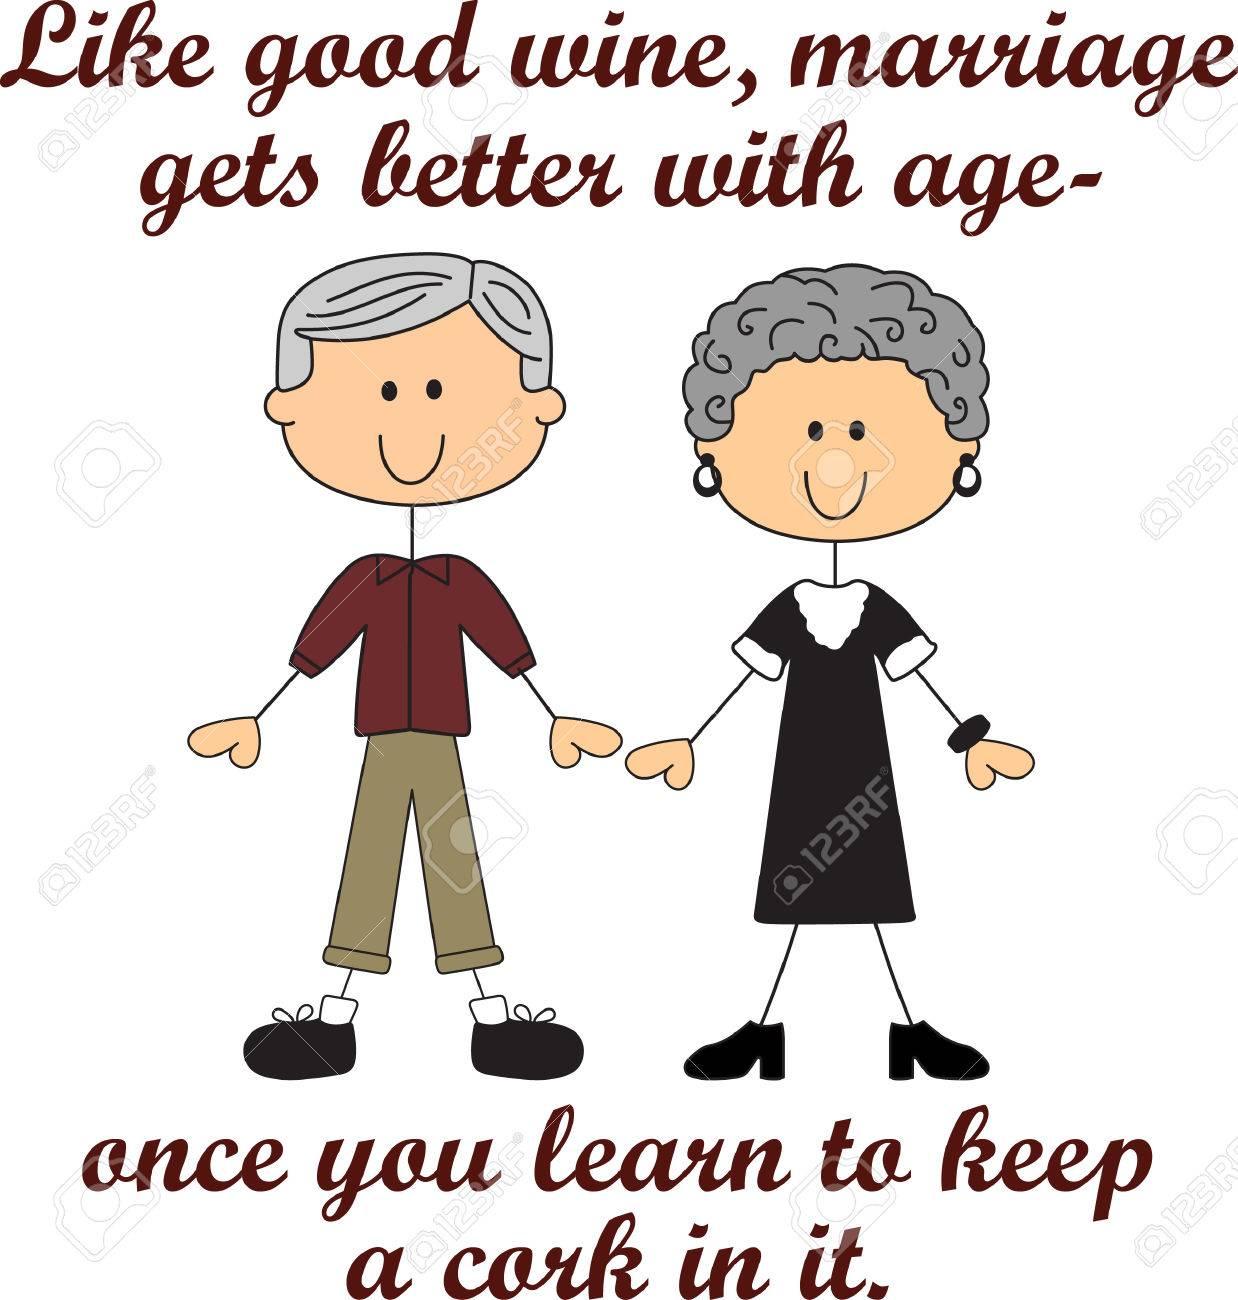 Vettoriale Come Il Buon Vino Il Matrimonio Migliora Con L Età